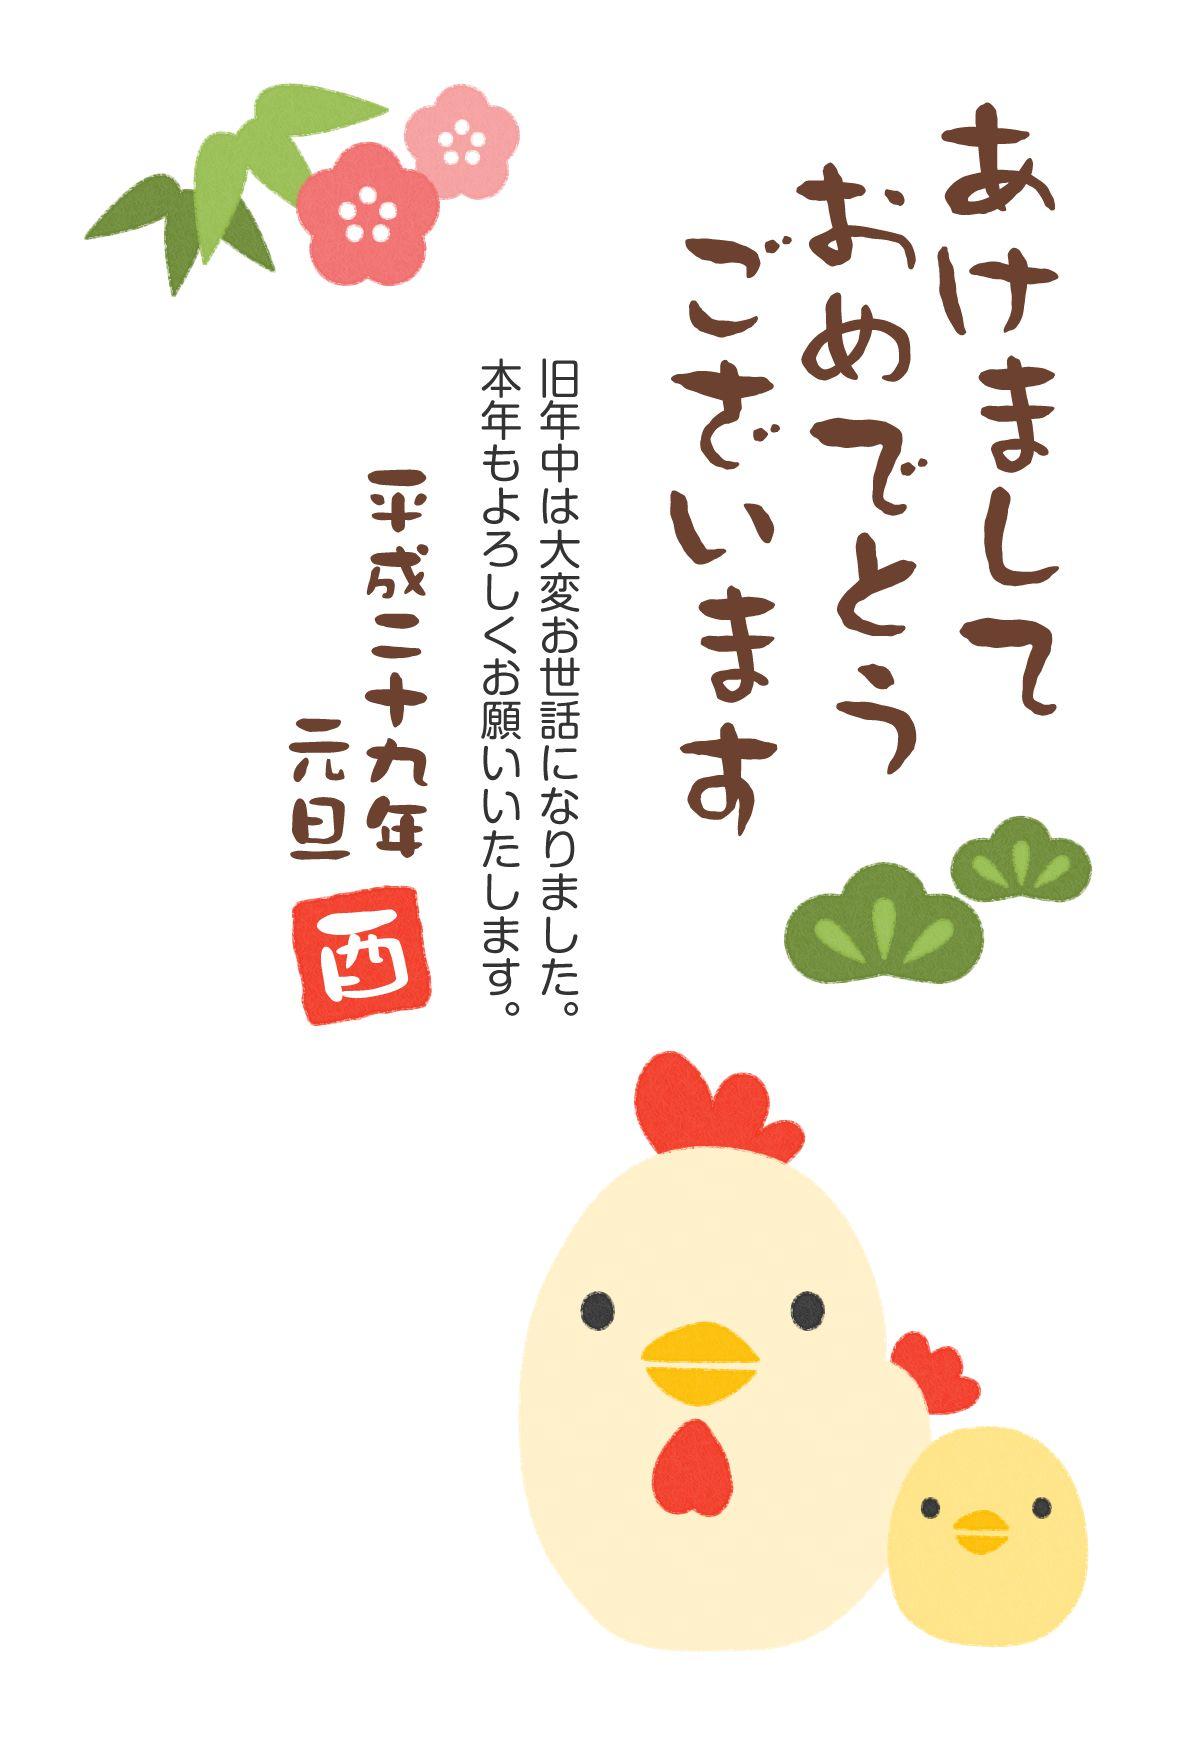 年賀状2017無料テンプレート]かわいいニワトリとヒヨコ | illustration